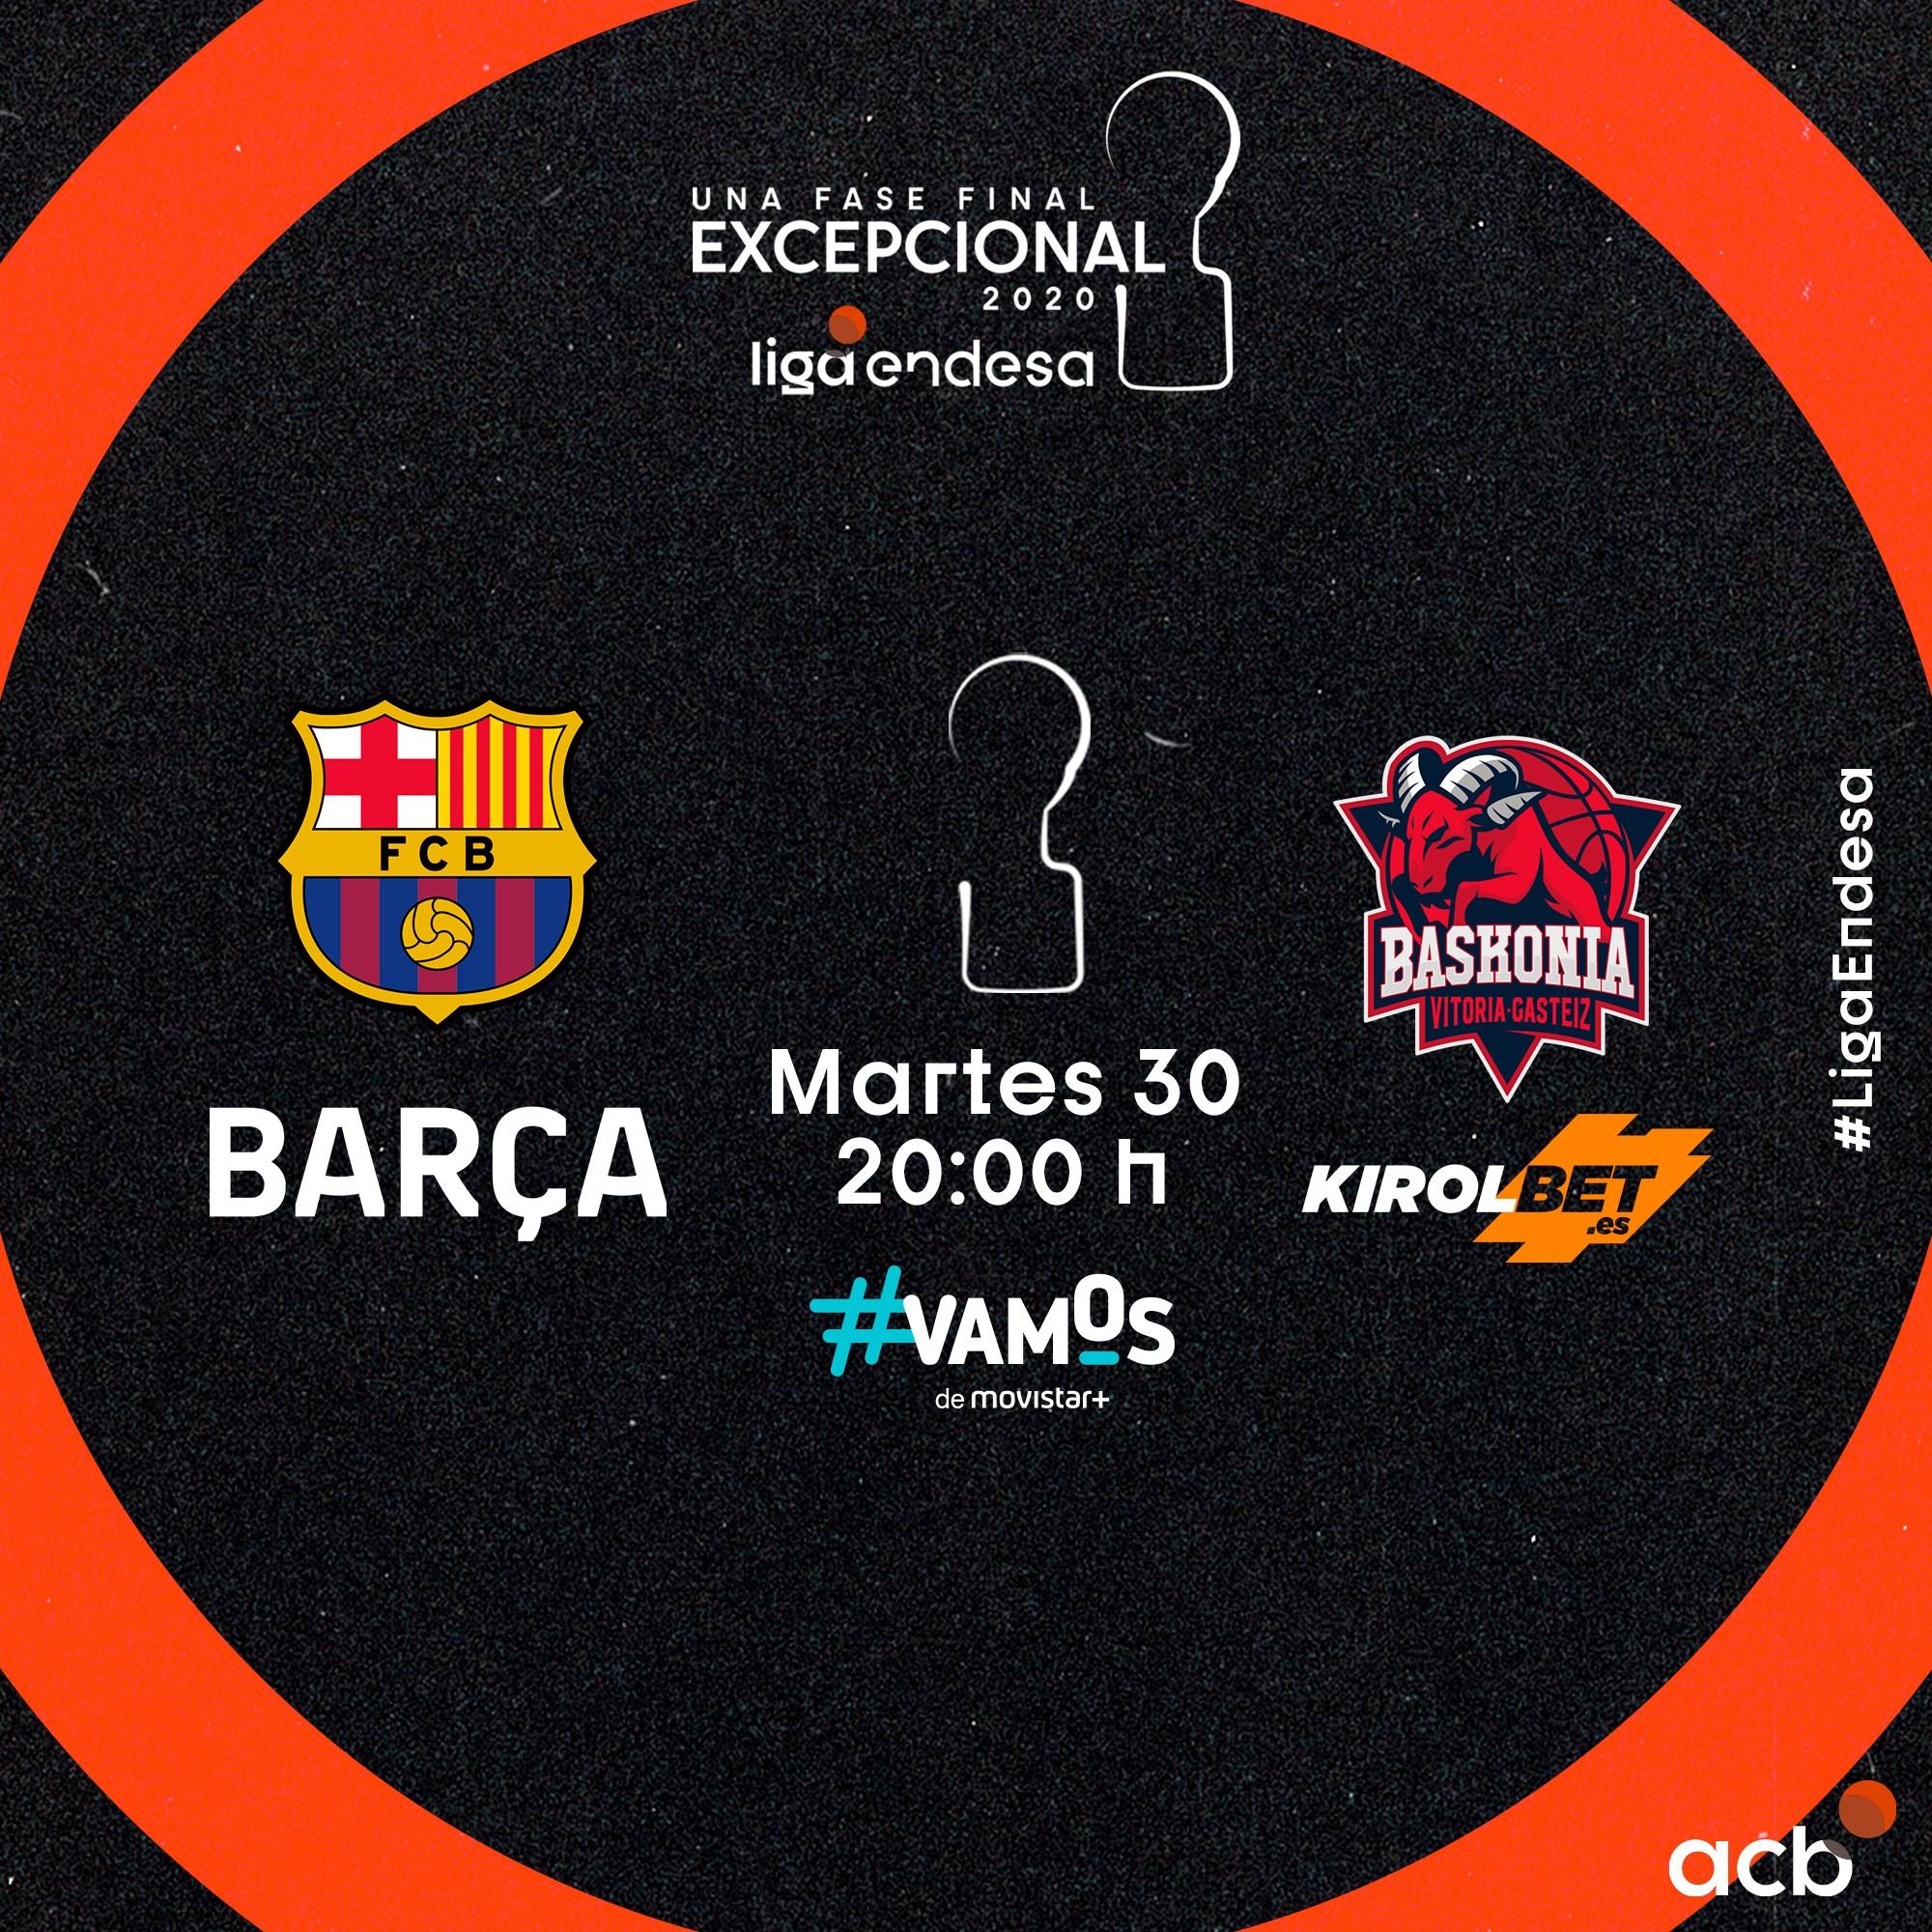 Imagem: ACB